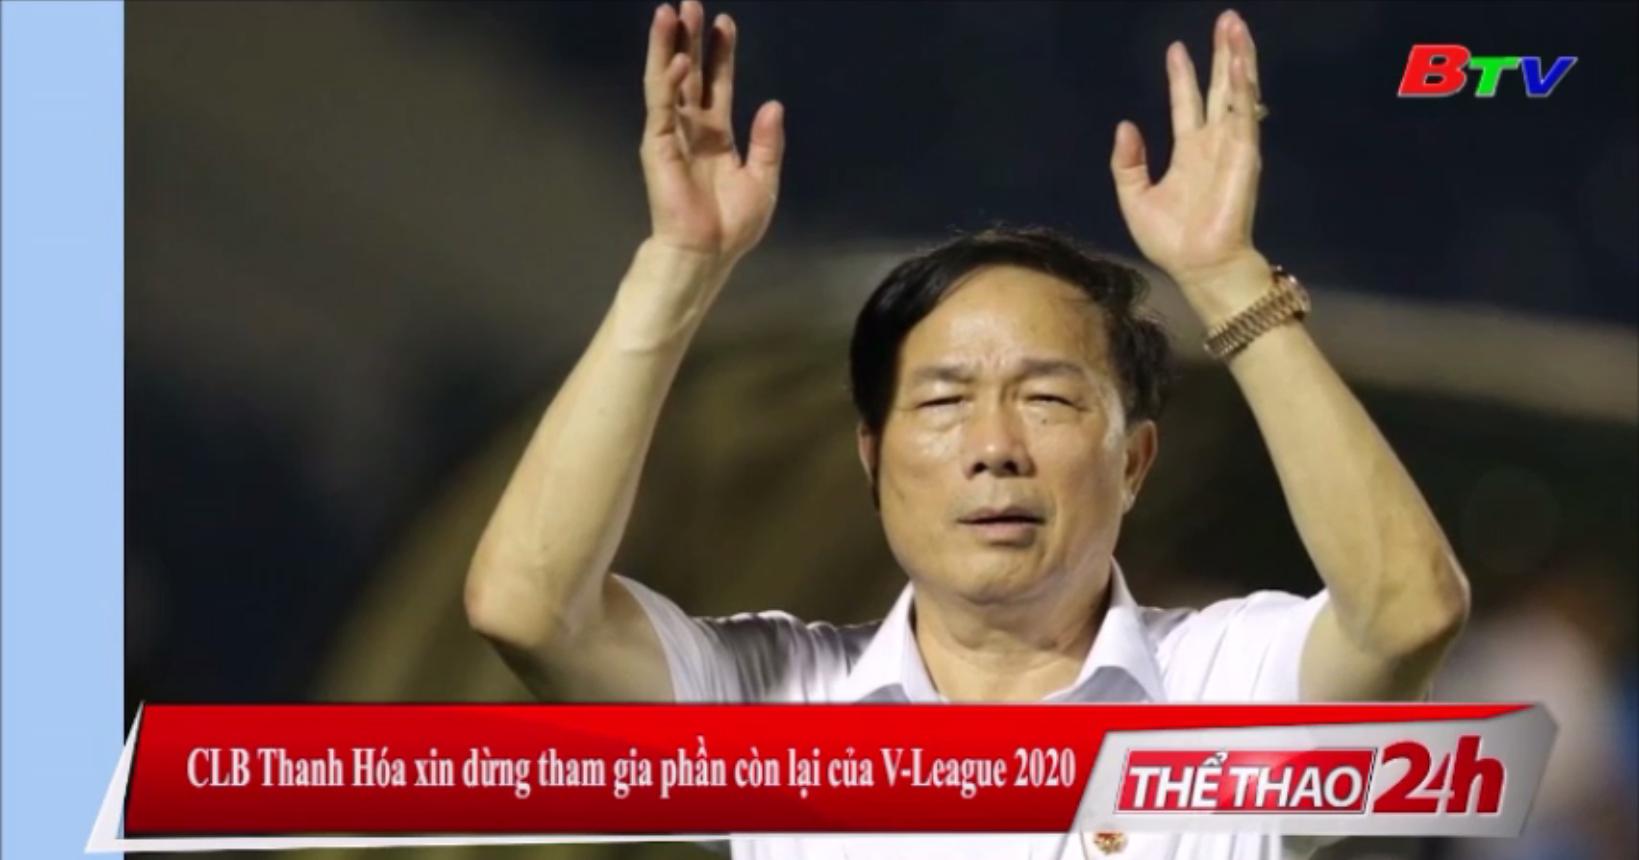 CLB Thanh Hóa xin dừng tham gia phần còn lại của V-League 2020